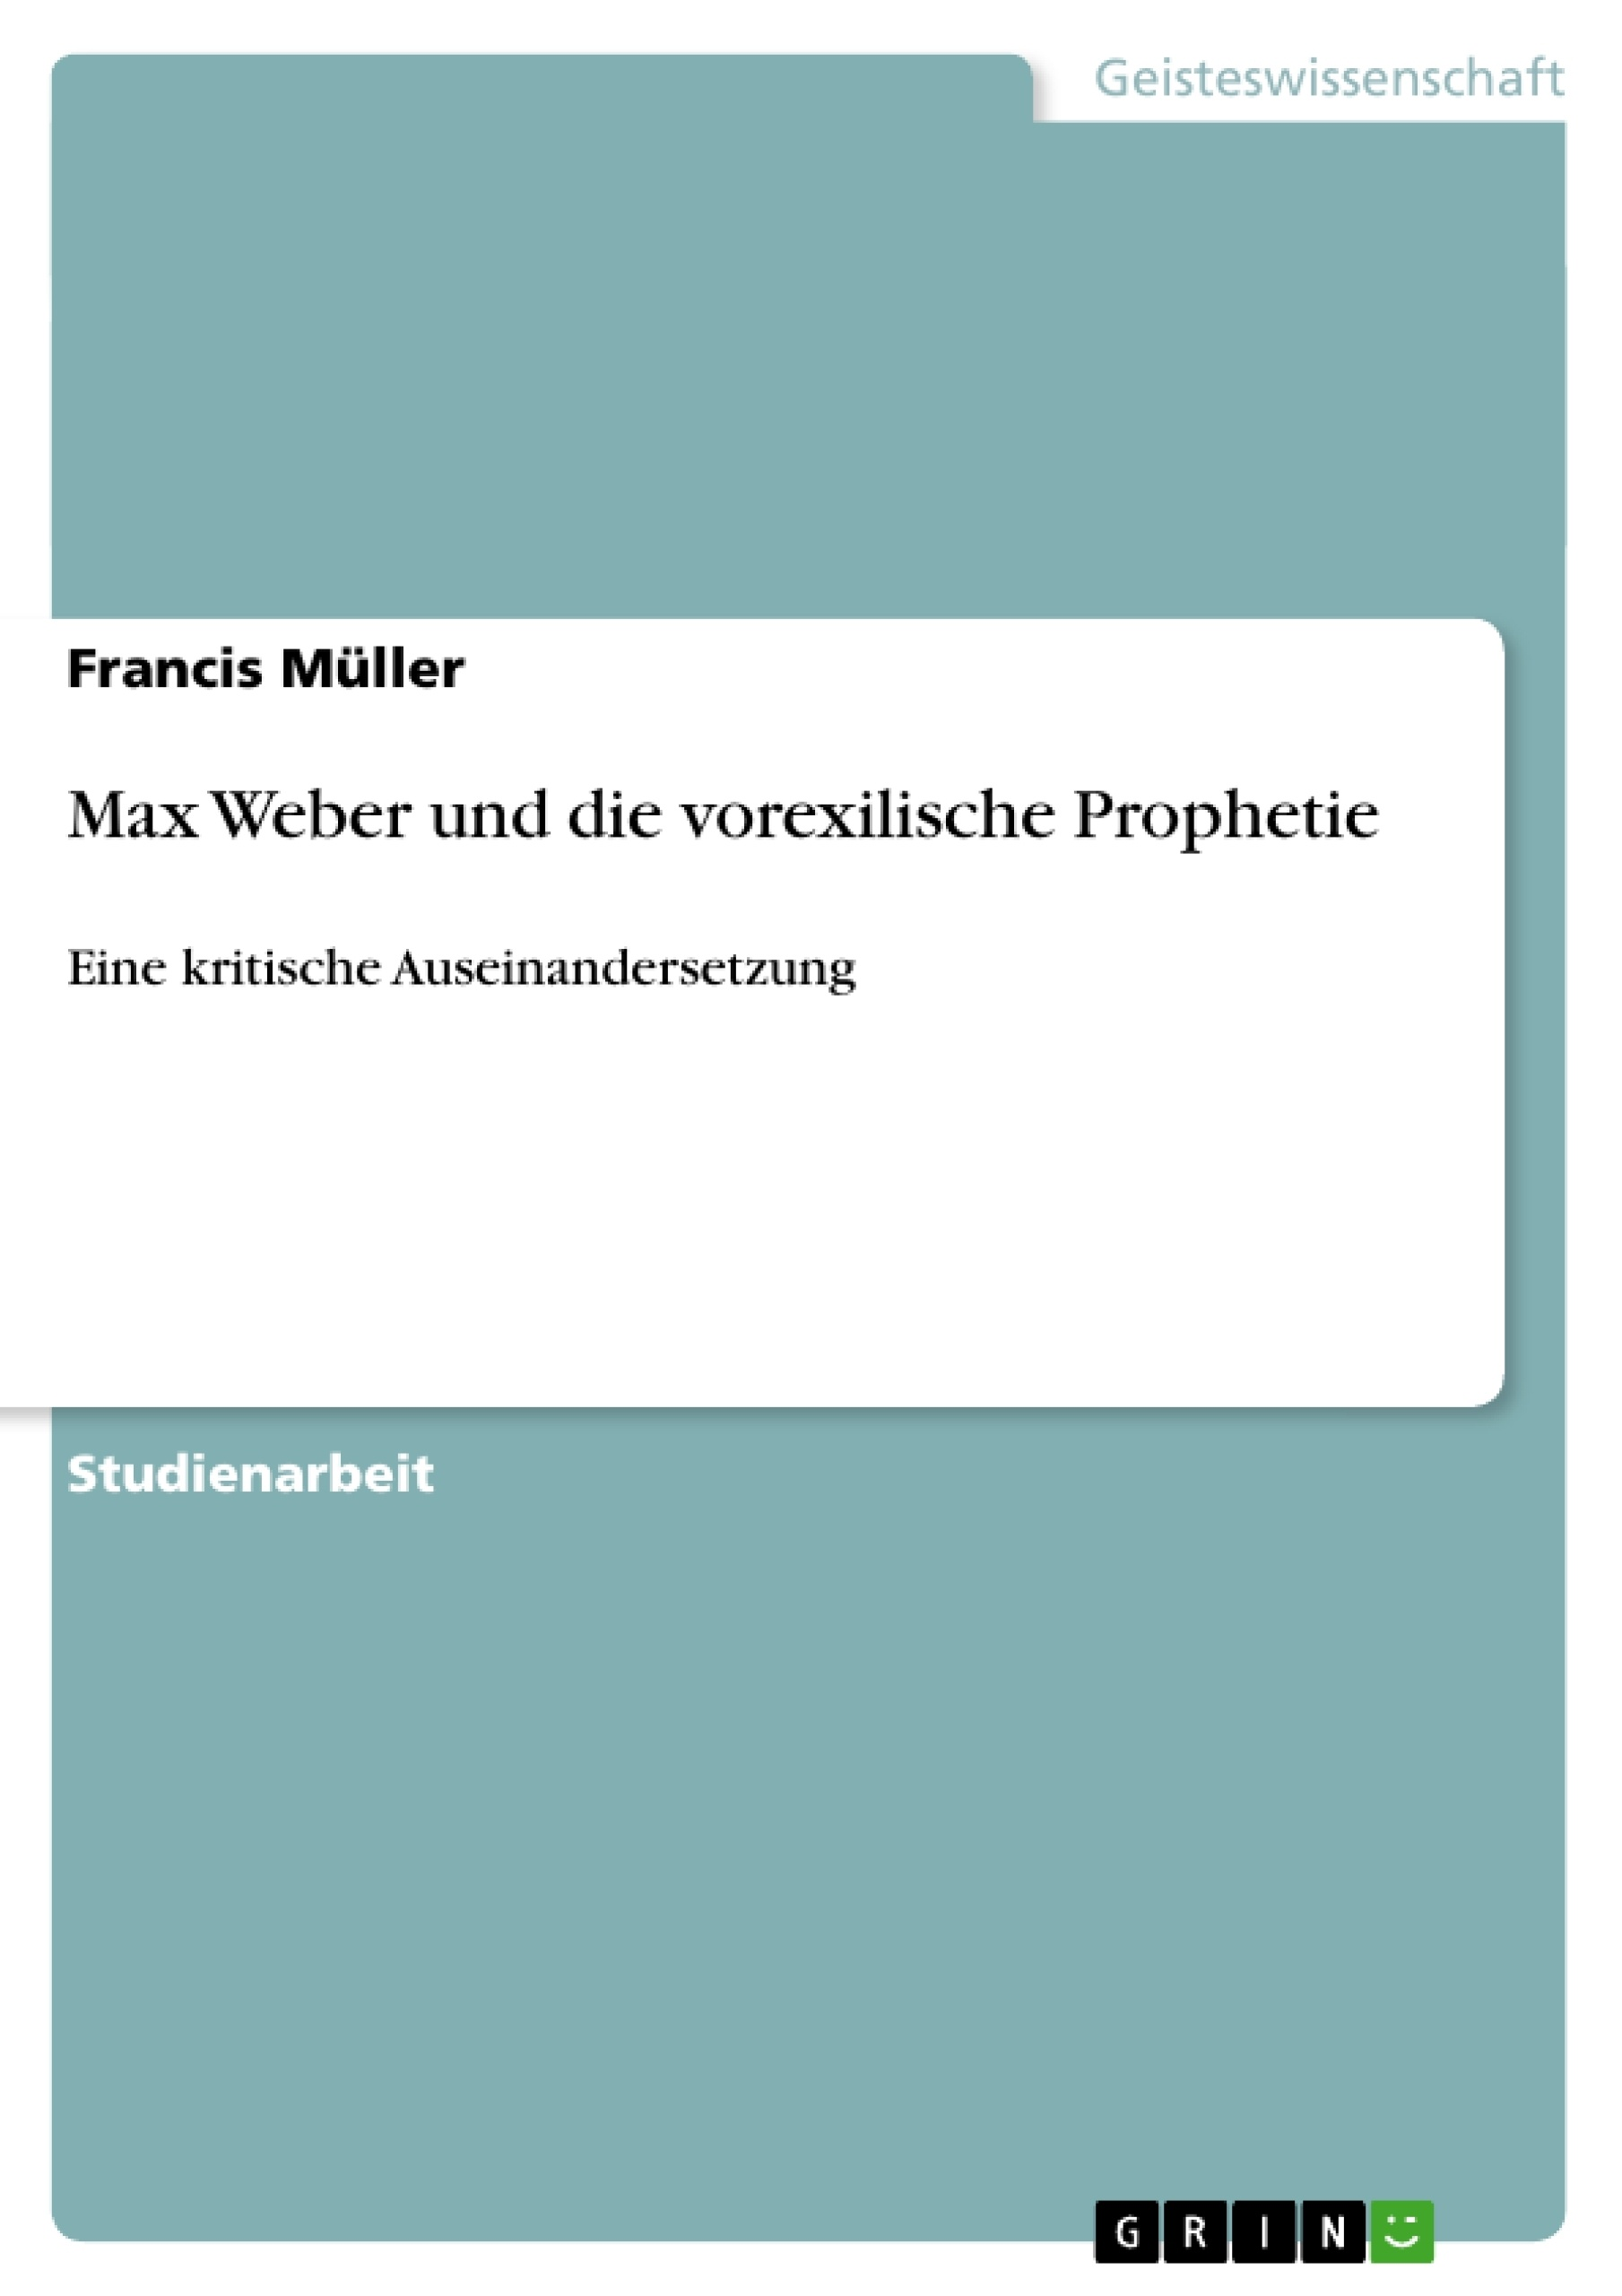 Titel: Max Weber und die vorexilische Prophetie